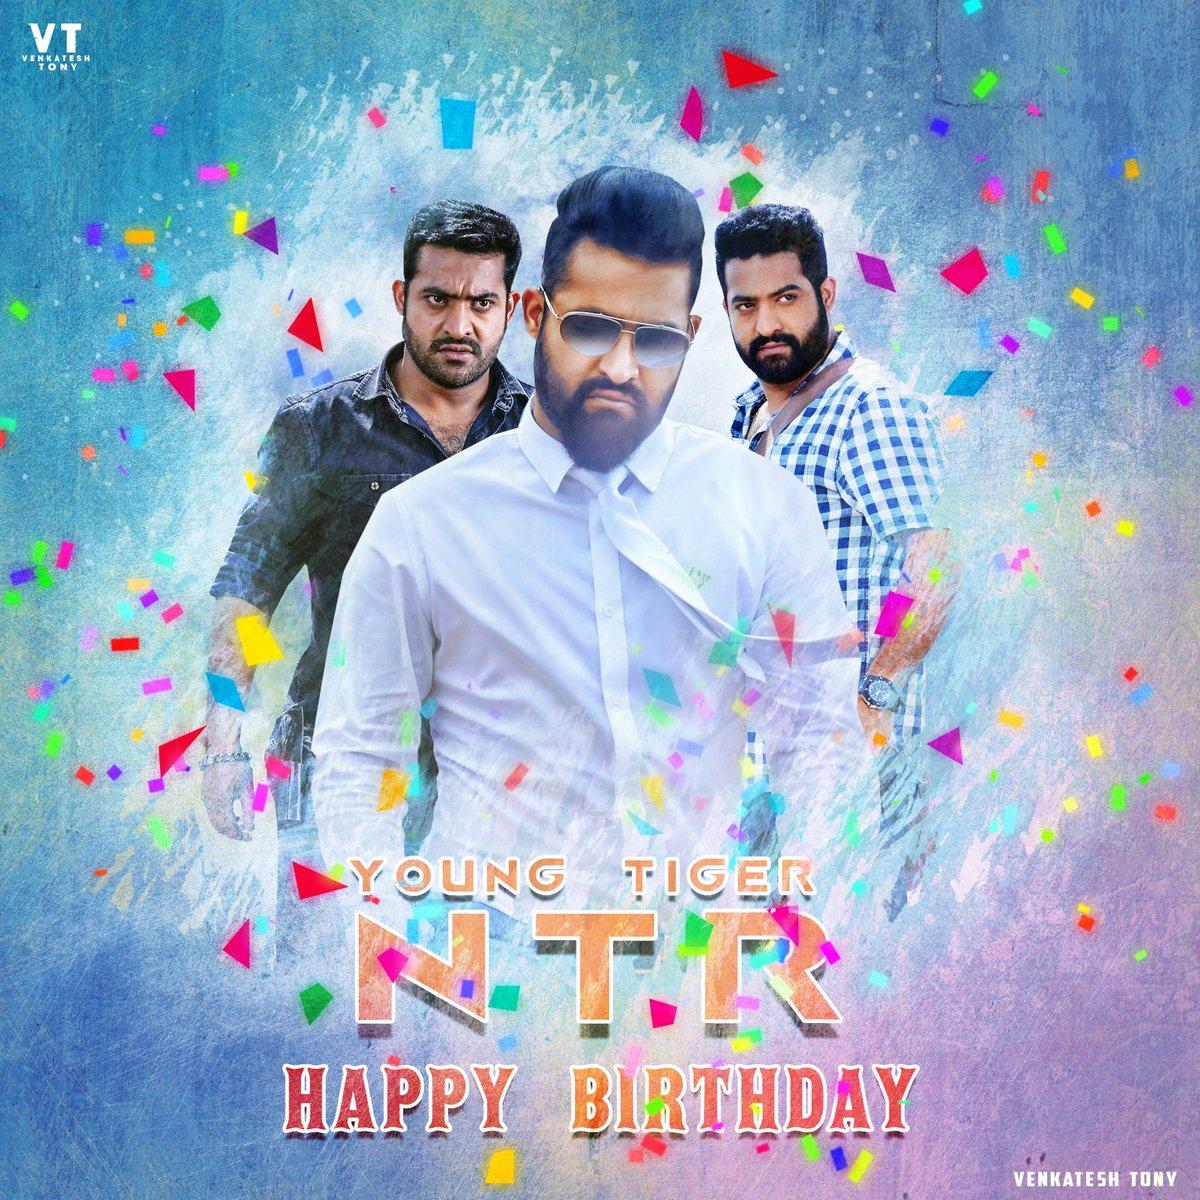 Venkatesh Tony On Twitter Advance Happy Birthday Anna Hd Like